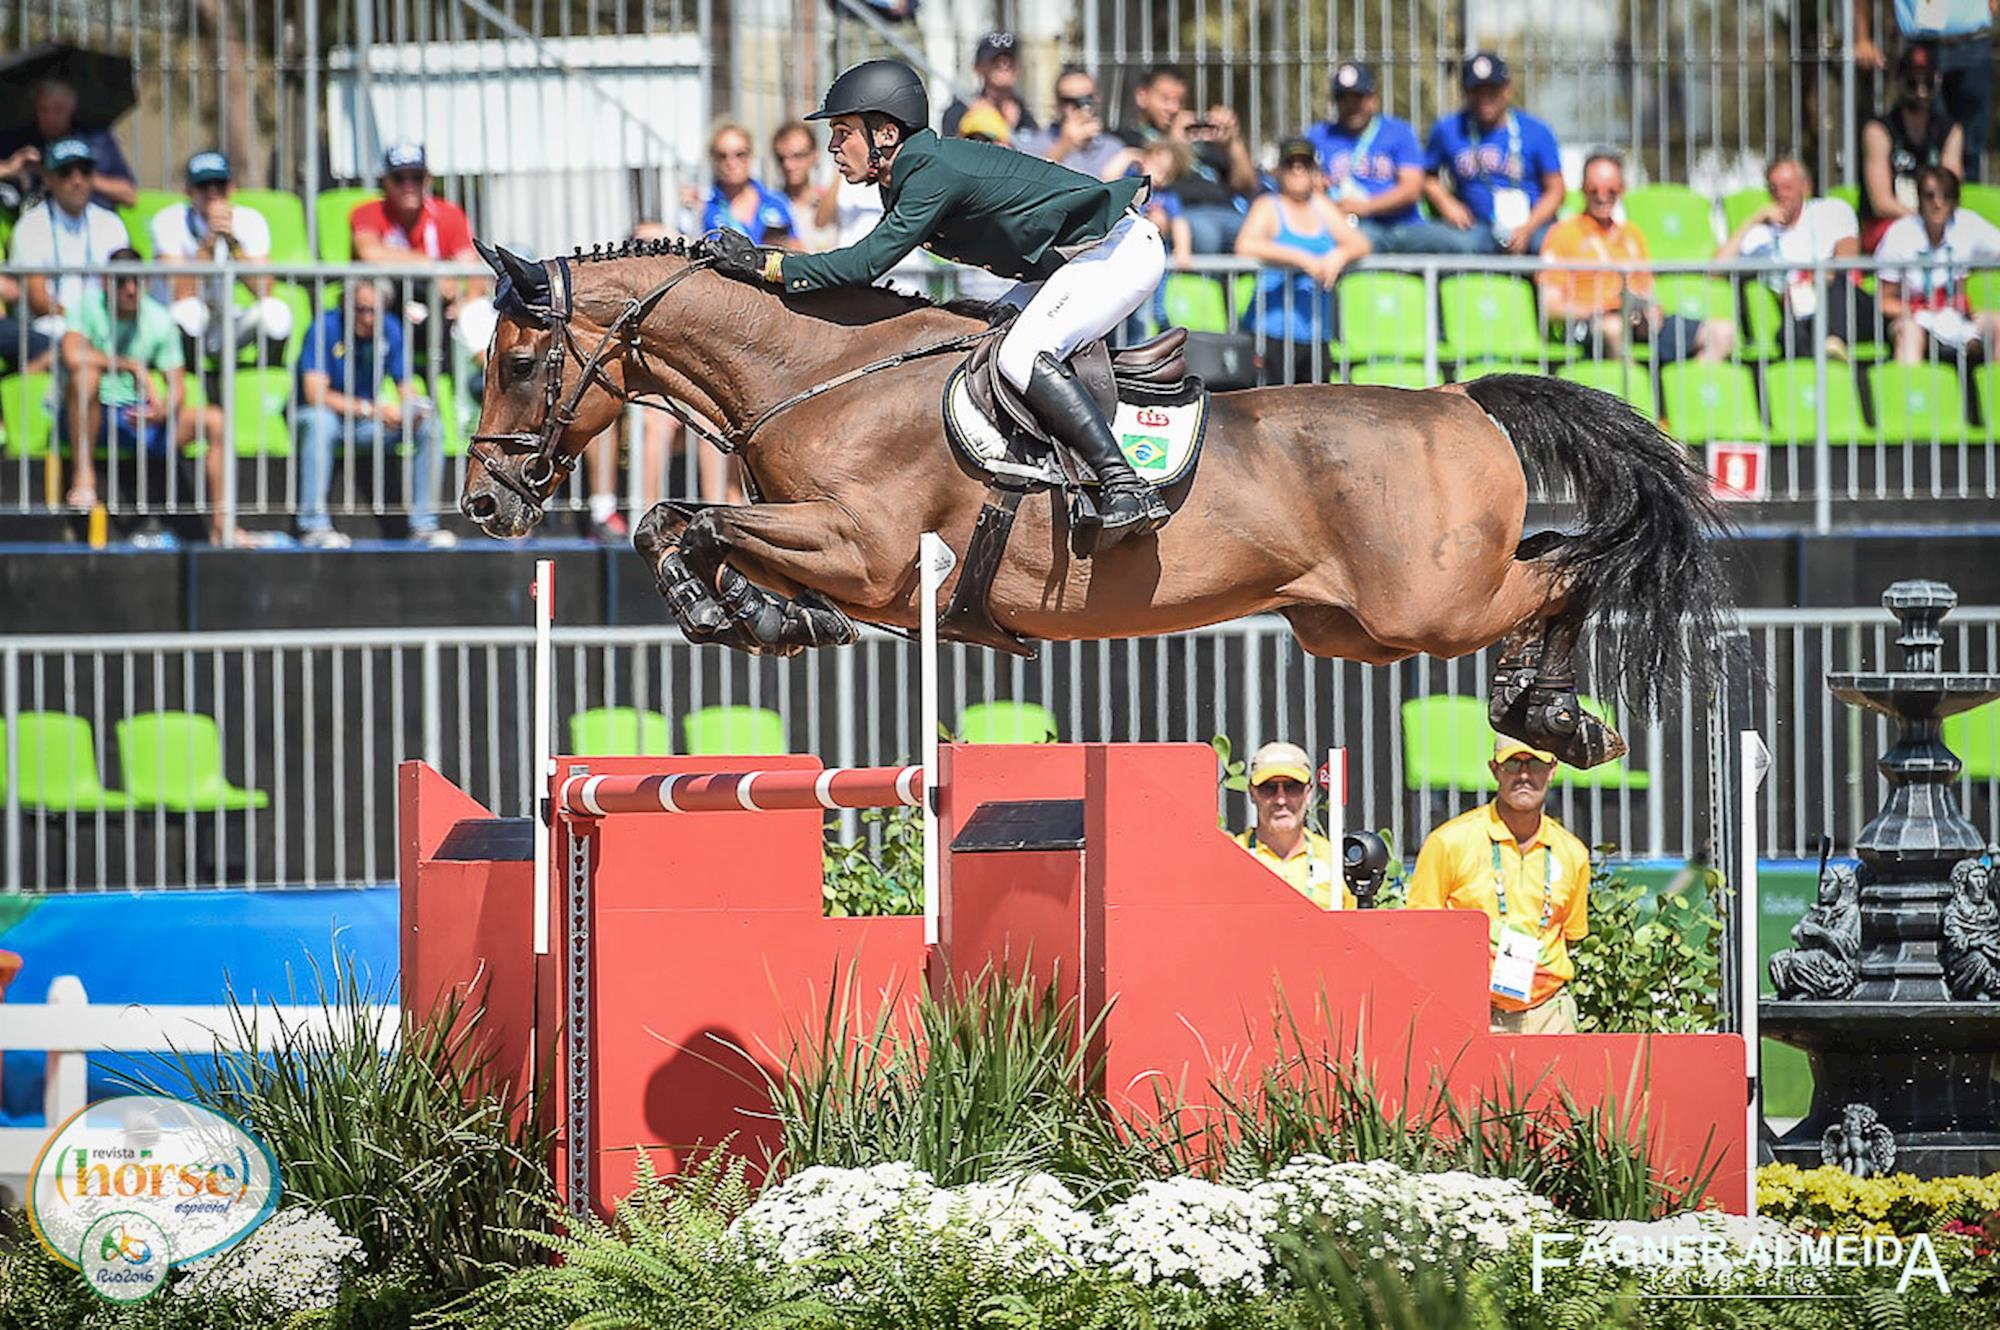 stephan barcha, olimpíada 2016, rio 2016, Pan, Fagner Almeida/Revista Horse